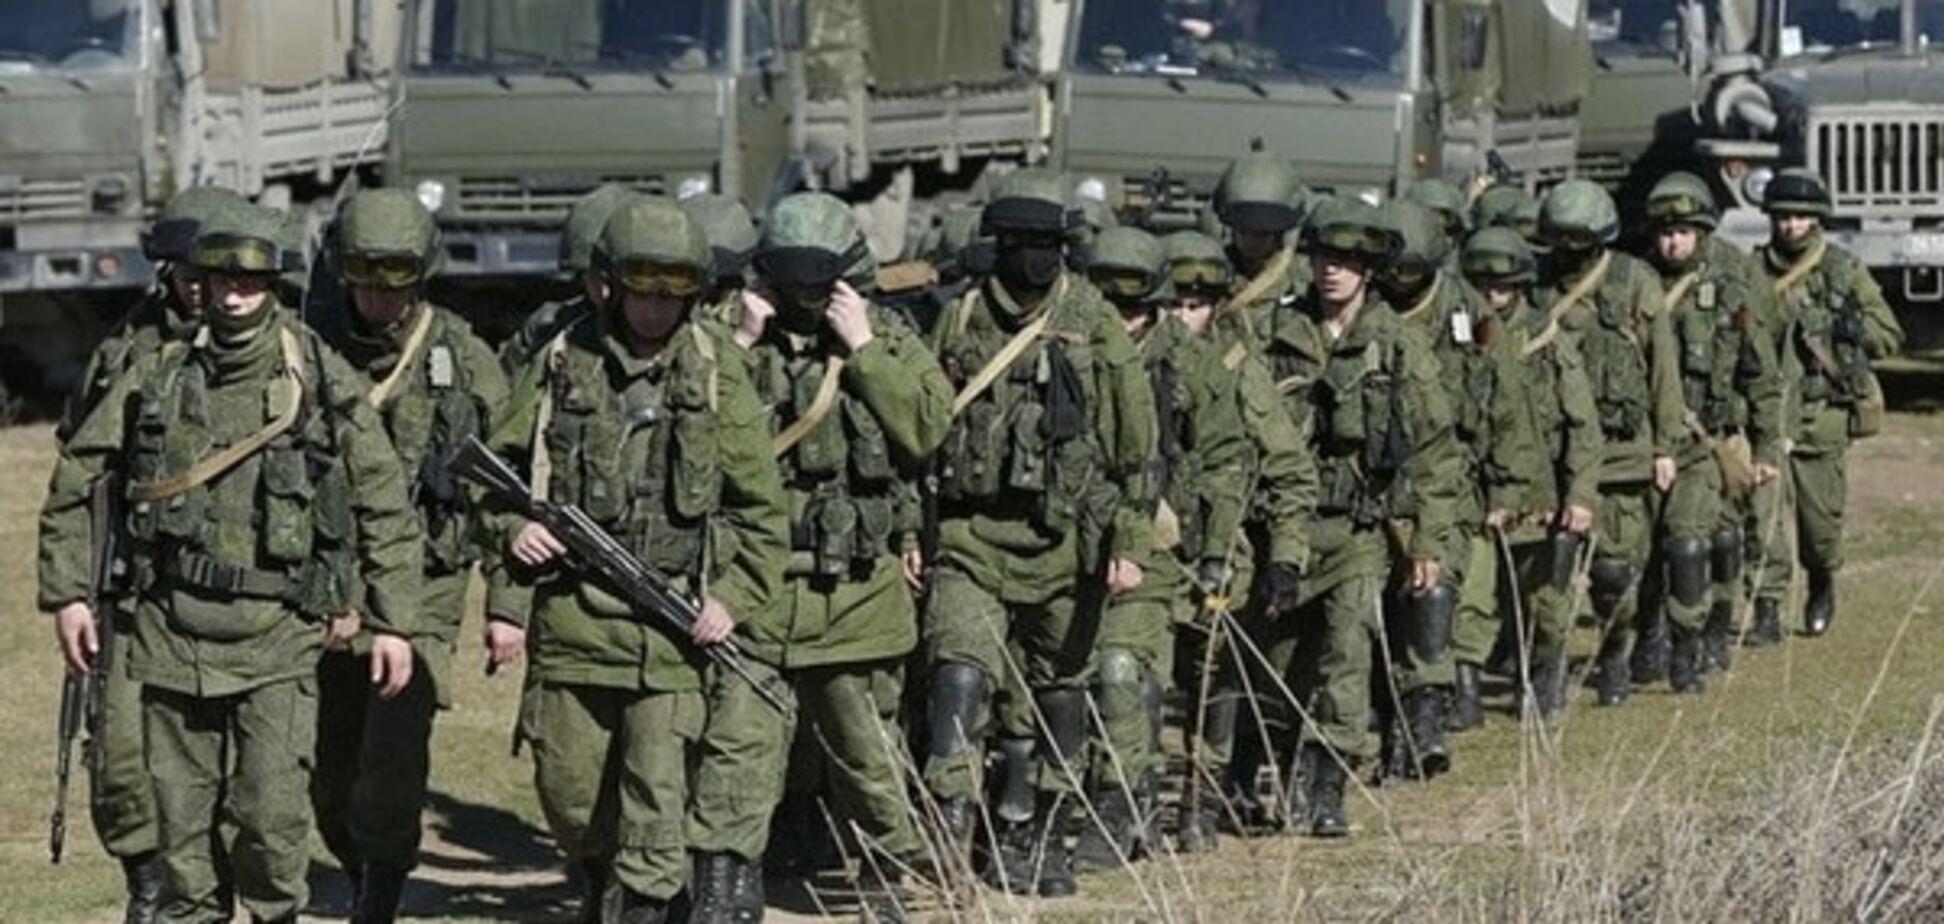 Військовий експерт пояснив, де Росія може завдати важкого удару по Україні